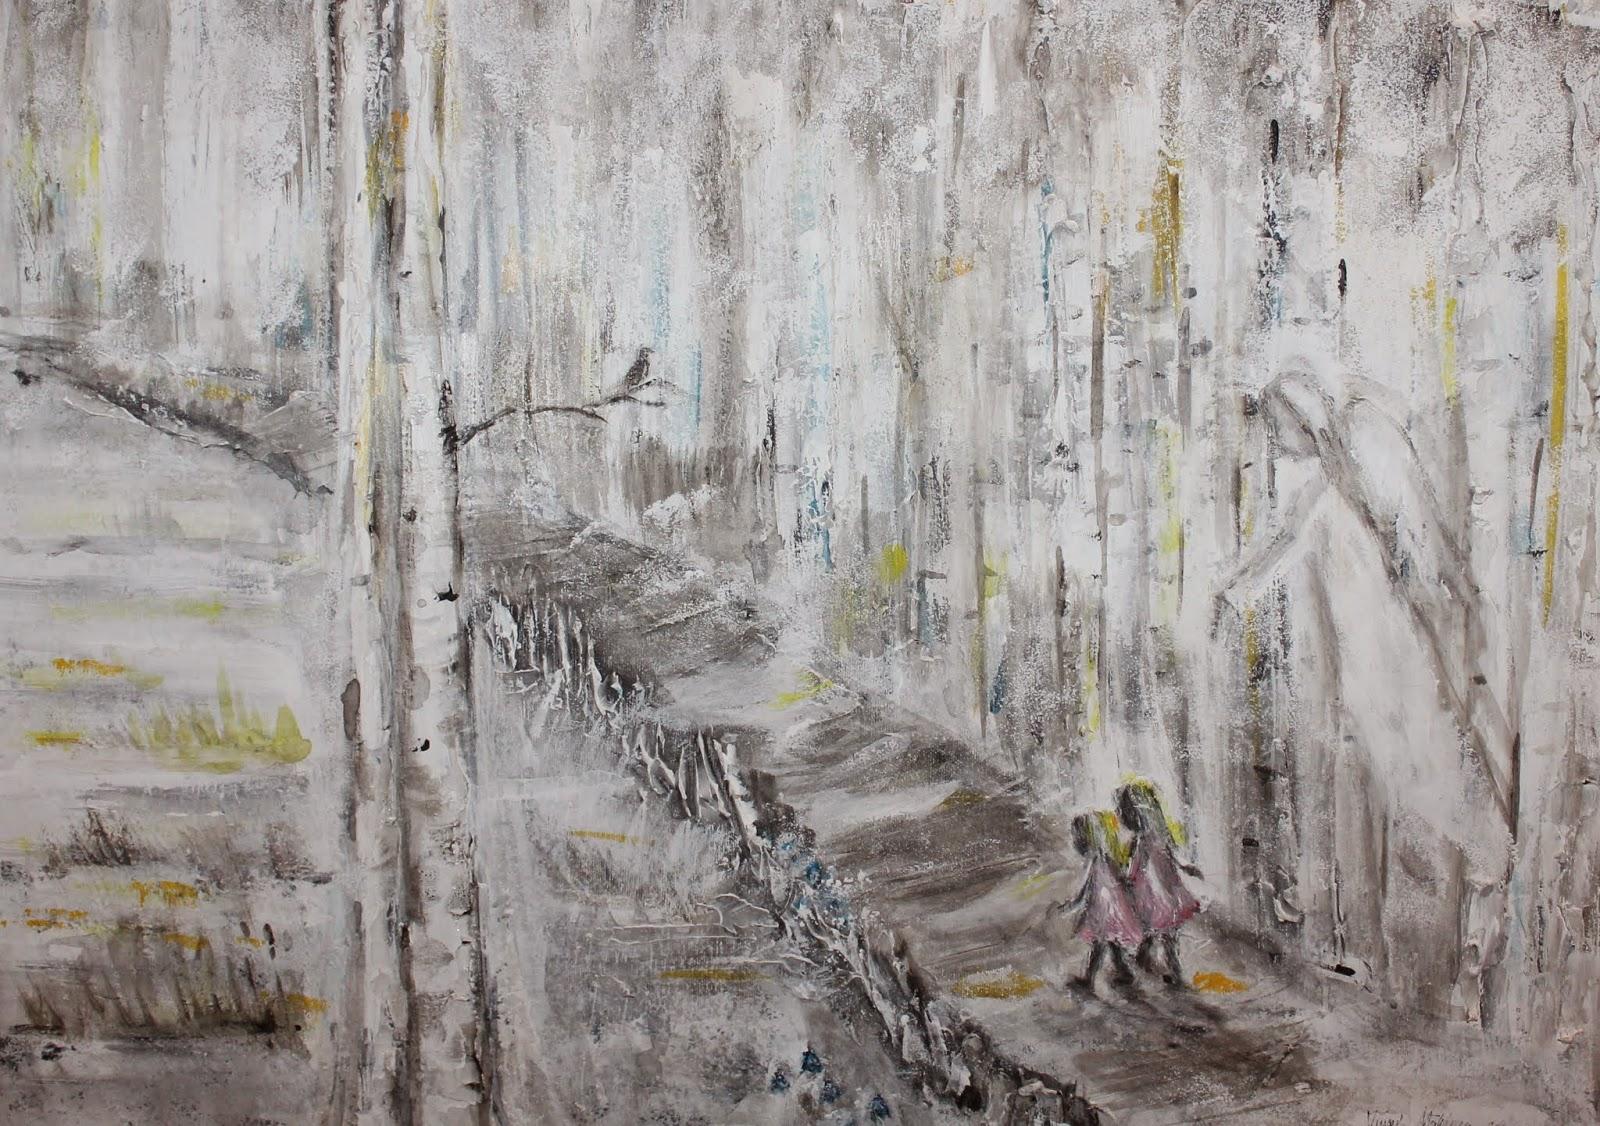 Lapsen Tie On Aamun Tie